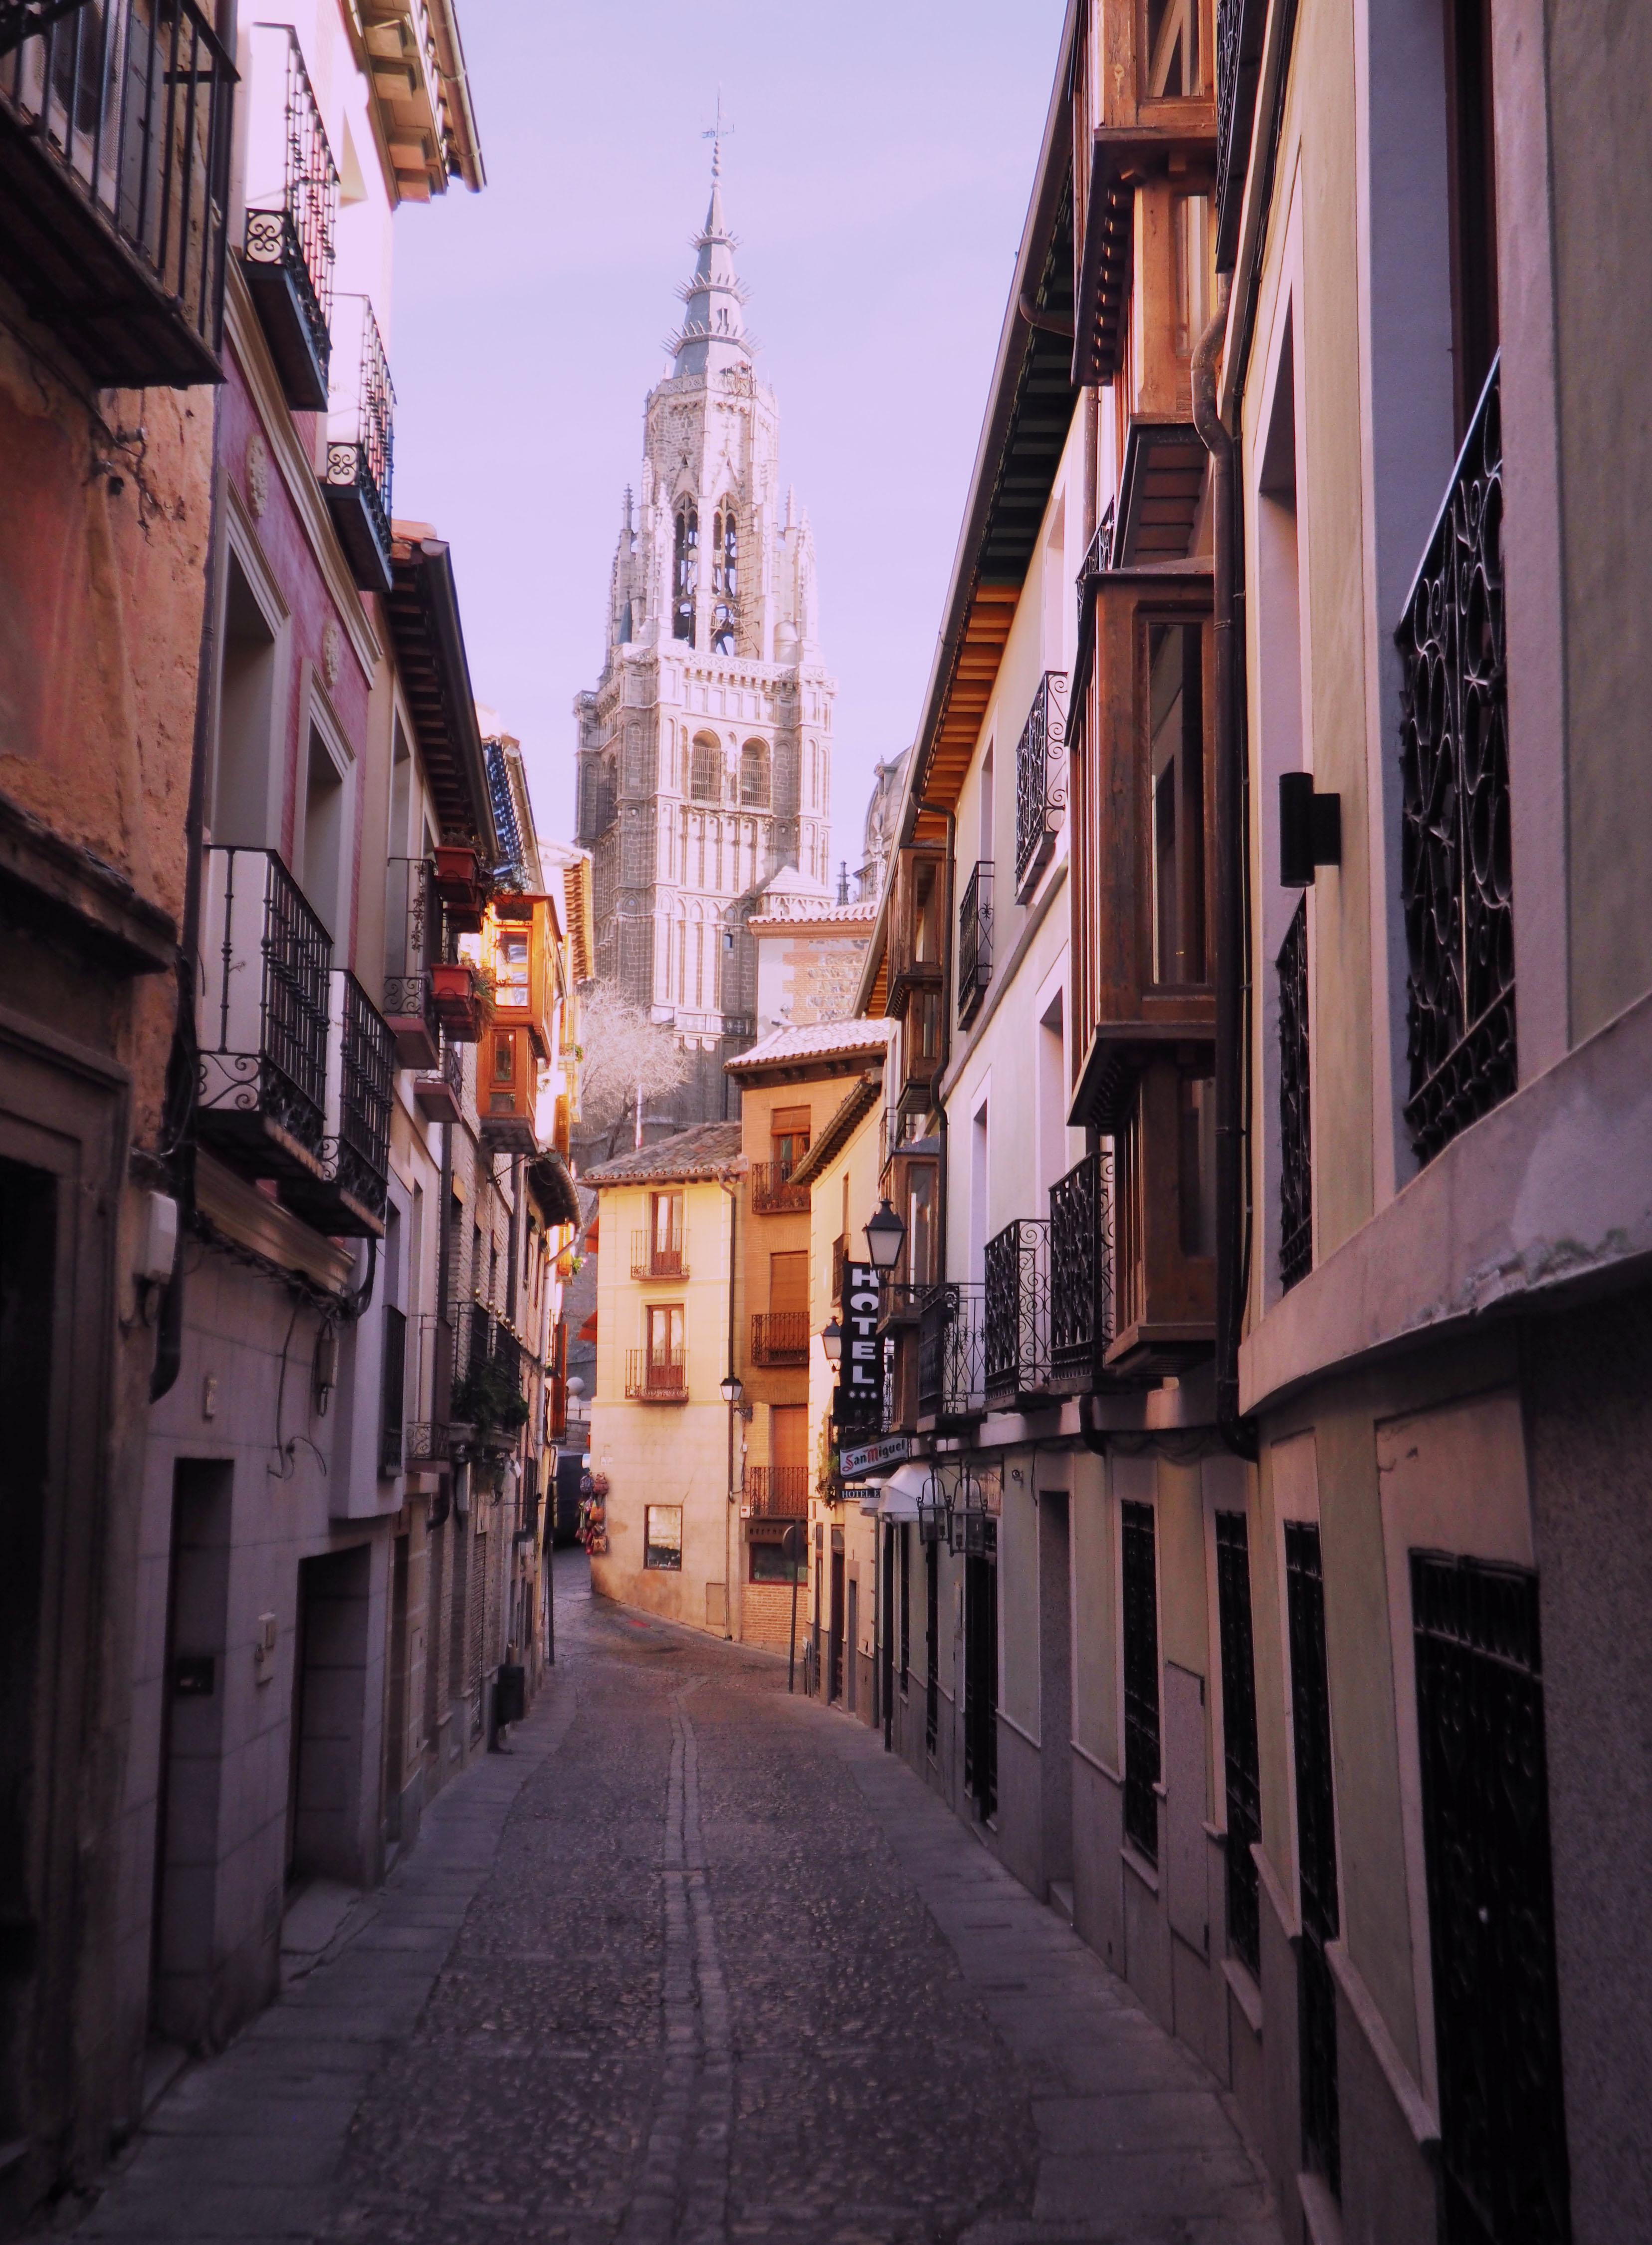 Calle de Toldo con vistas a la Catedral